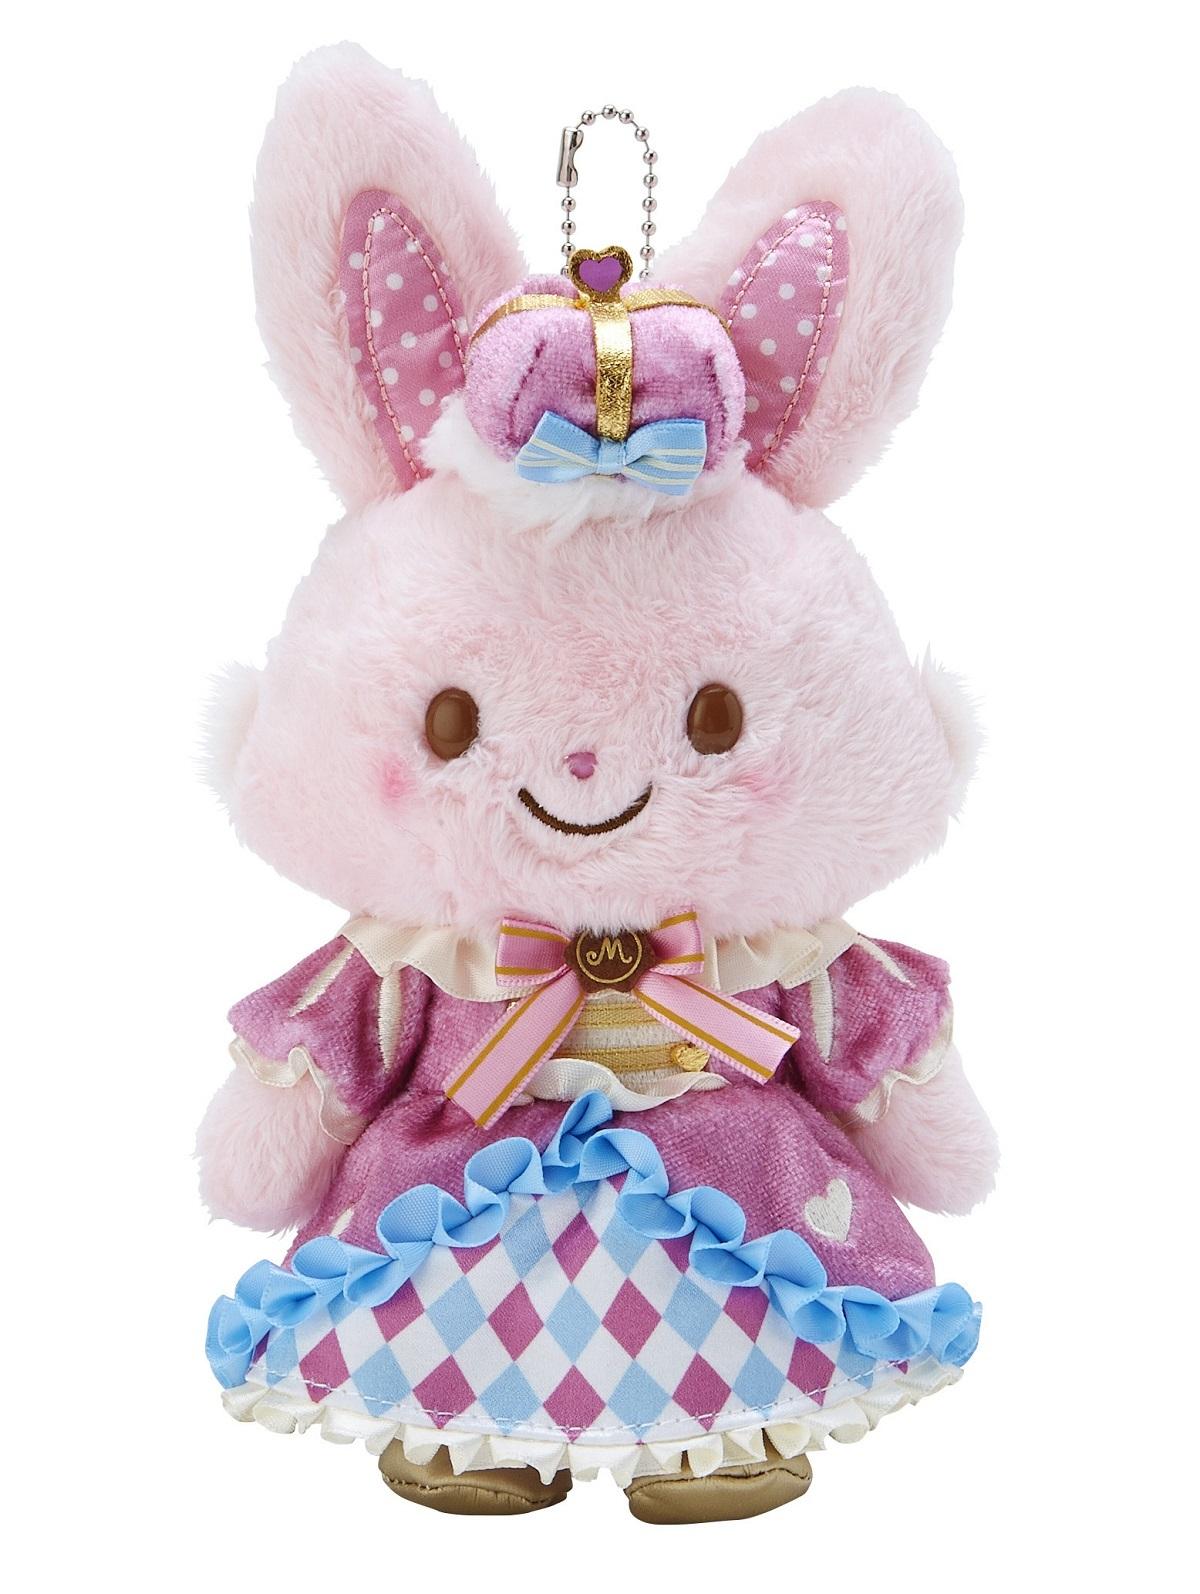 ウィッシュミーメル 10th Anniversary マスコットホルダー(ピンク) 2,200円 ※サンリオオンラインショップを除く